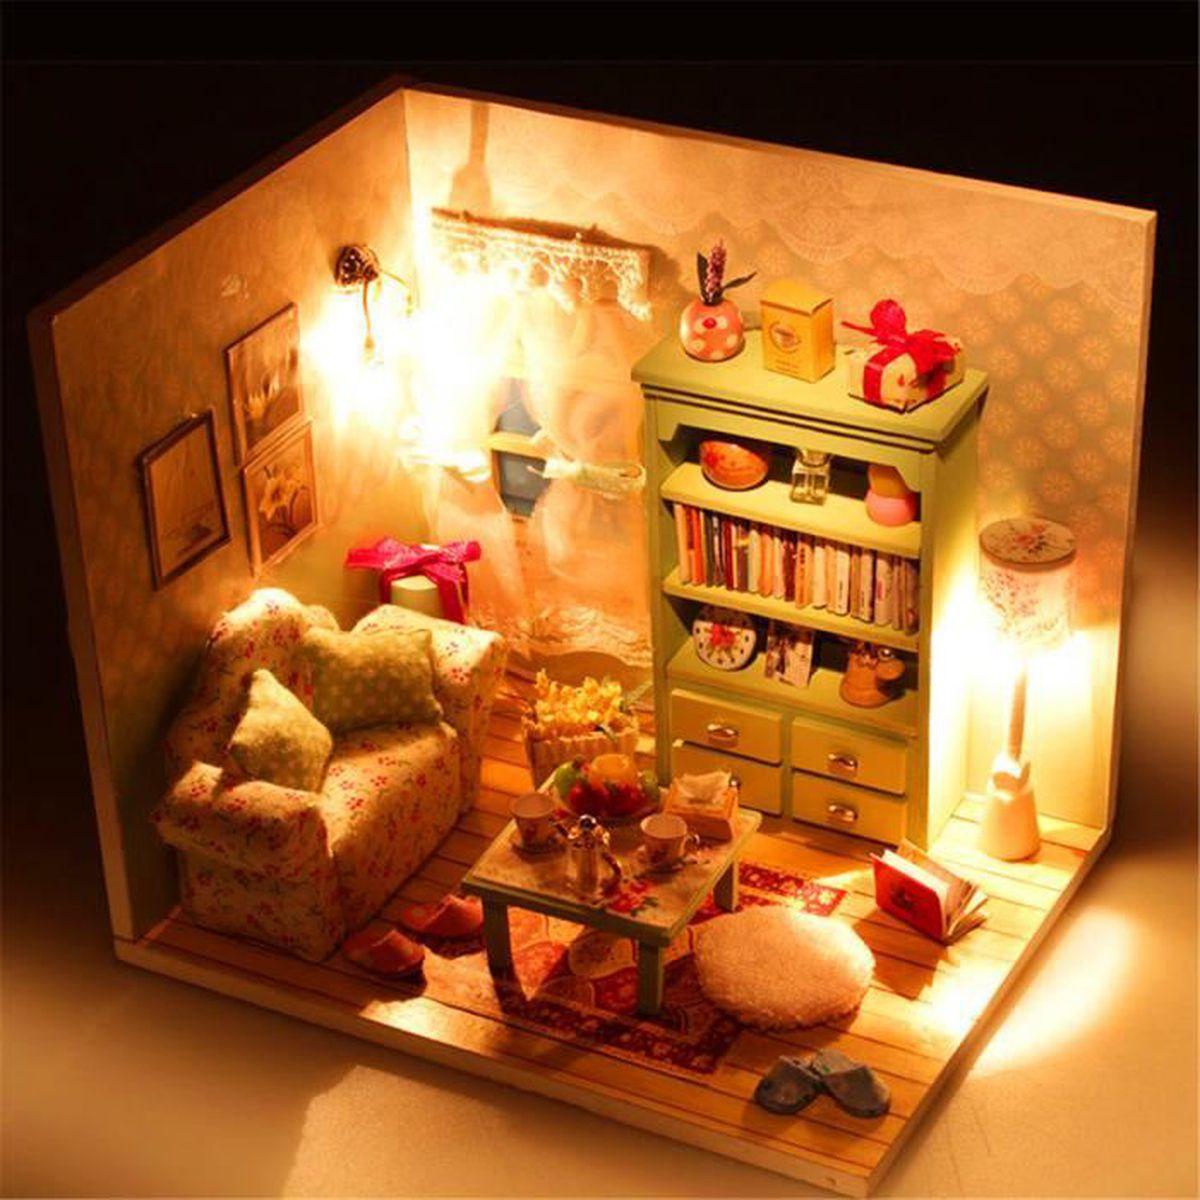 Tempsa Maison De Poupee En Bois Diy Miniature Led Lumiere Pour